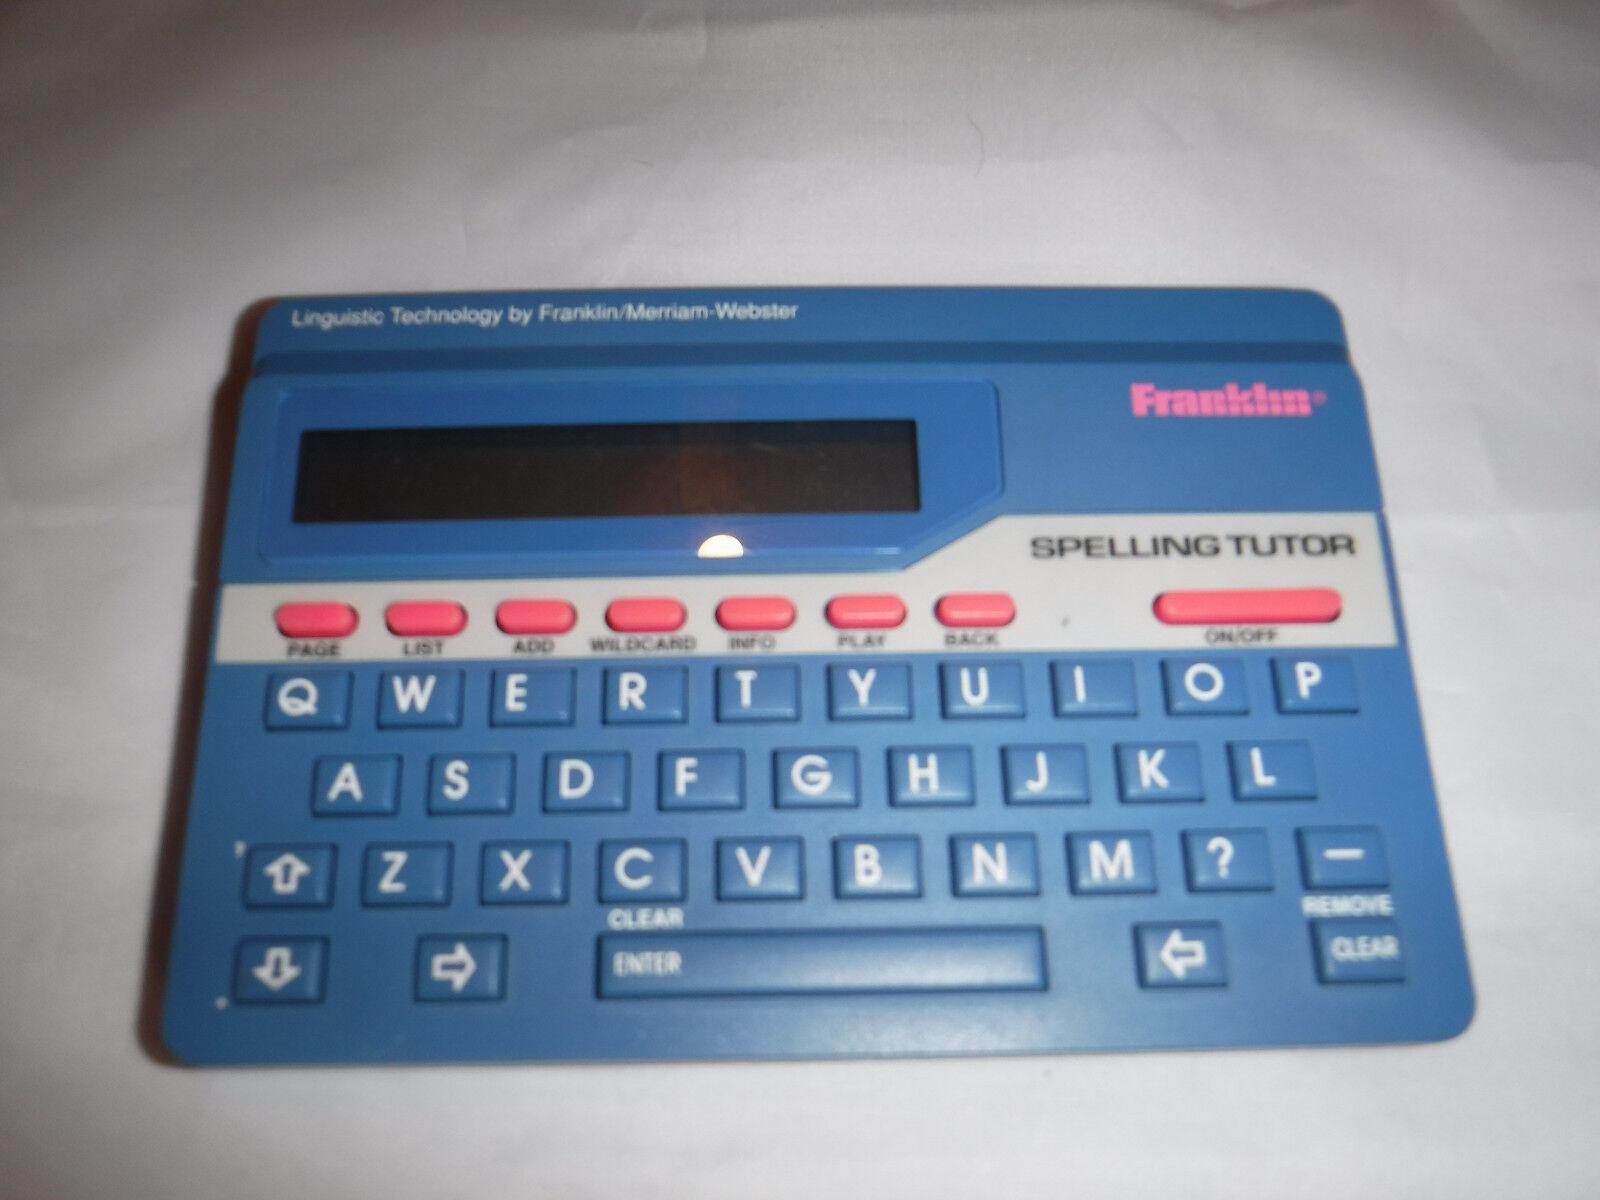 Franklin Spelling Tutor Spellblaster ll Model SA-50